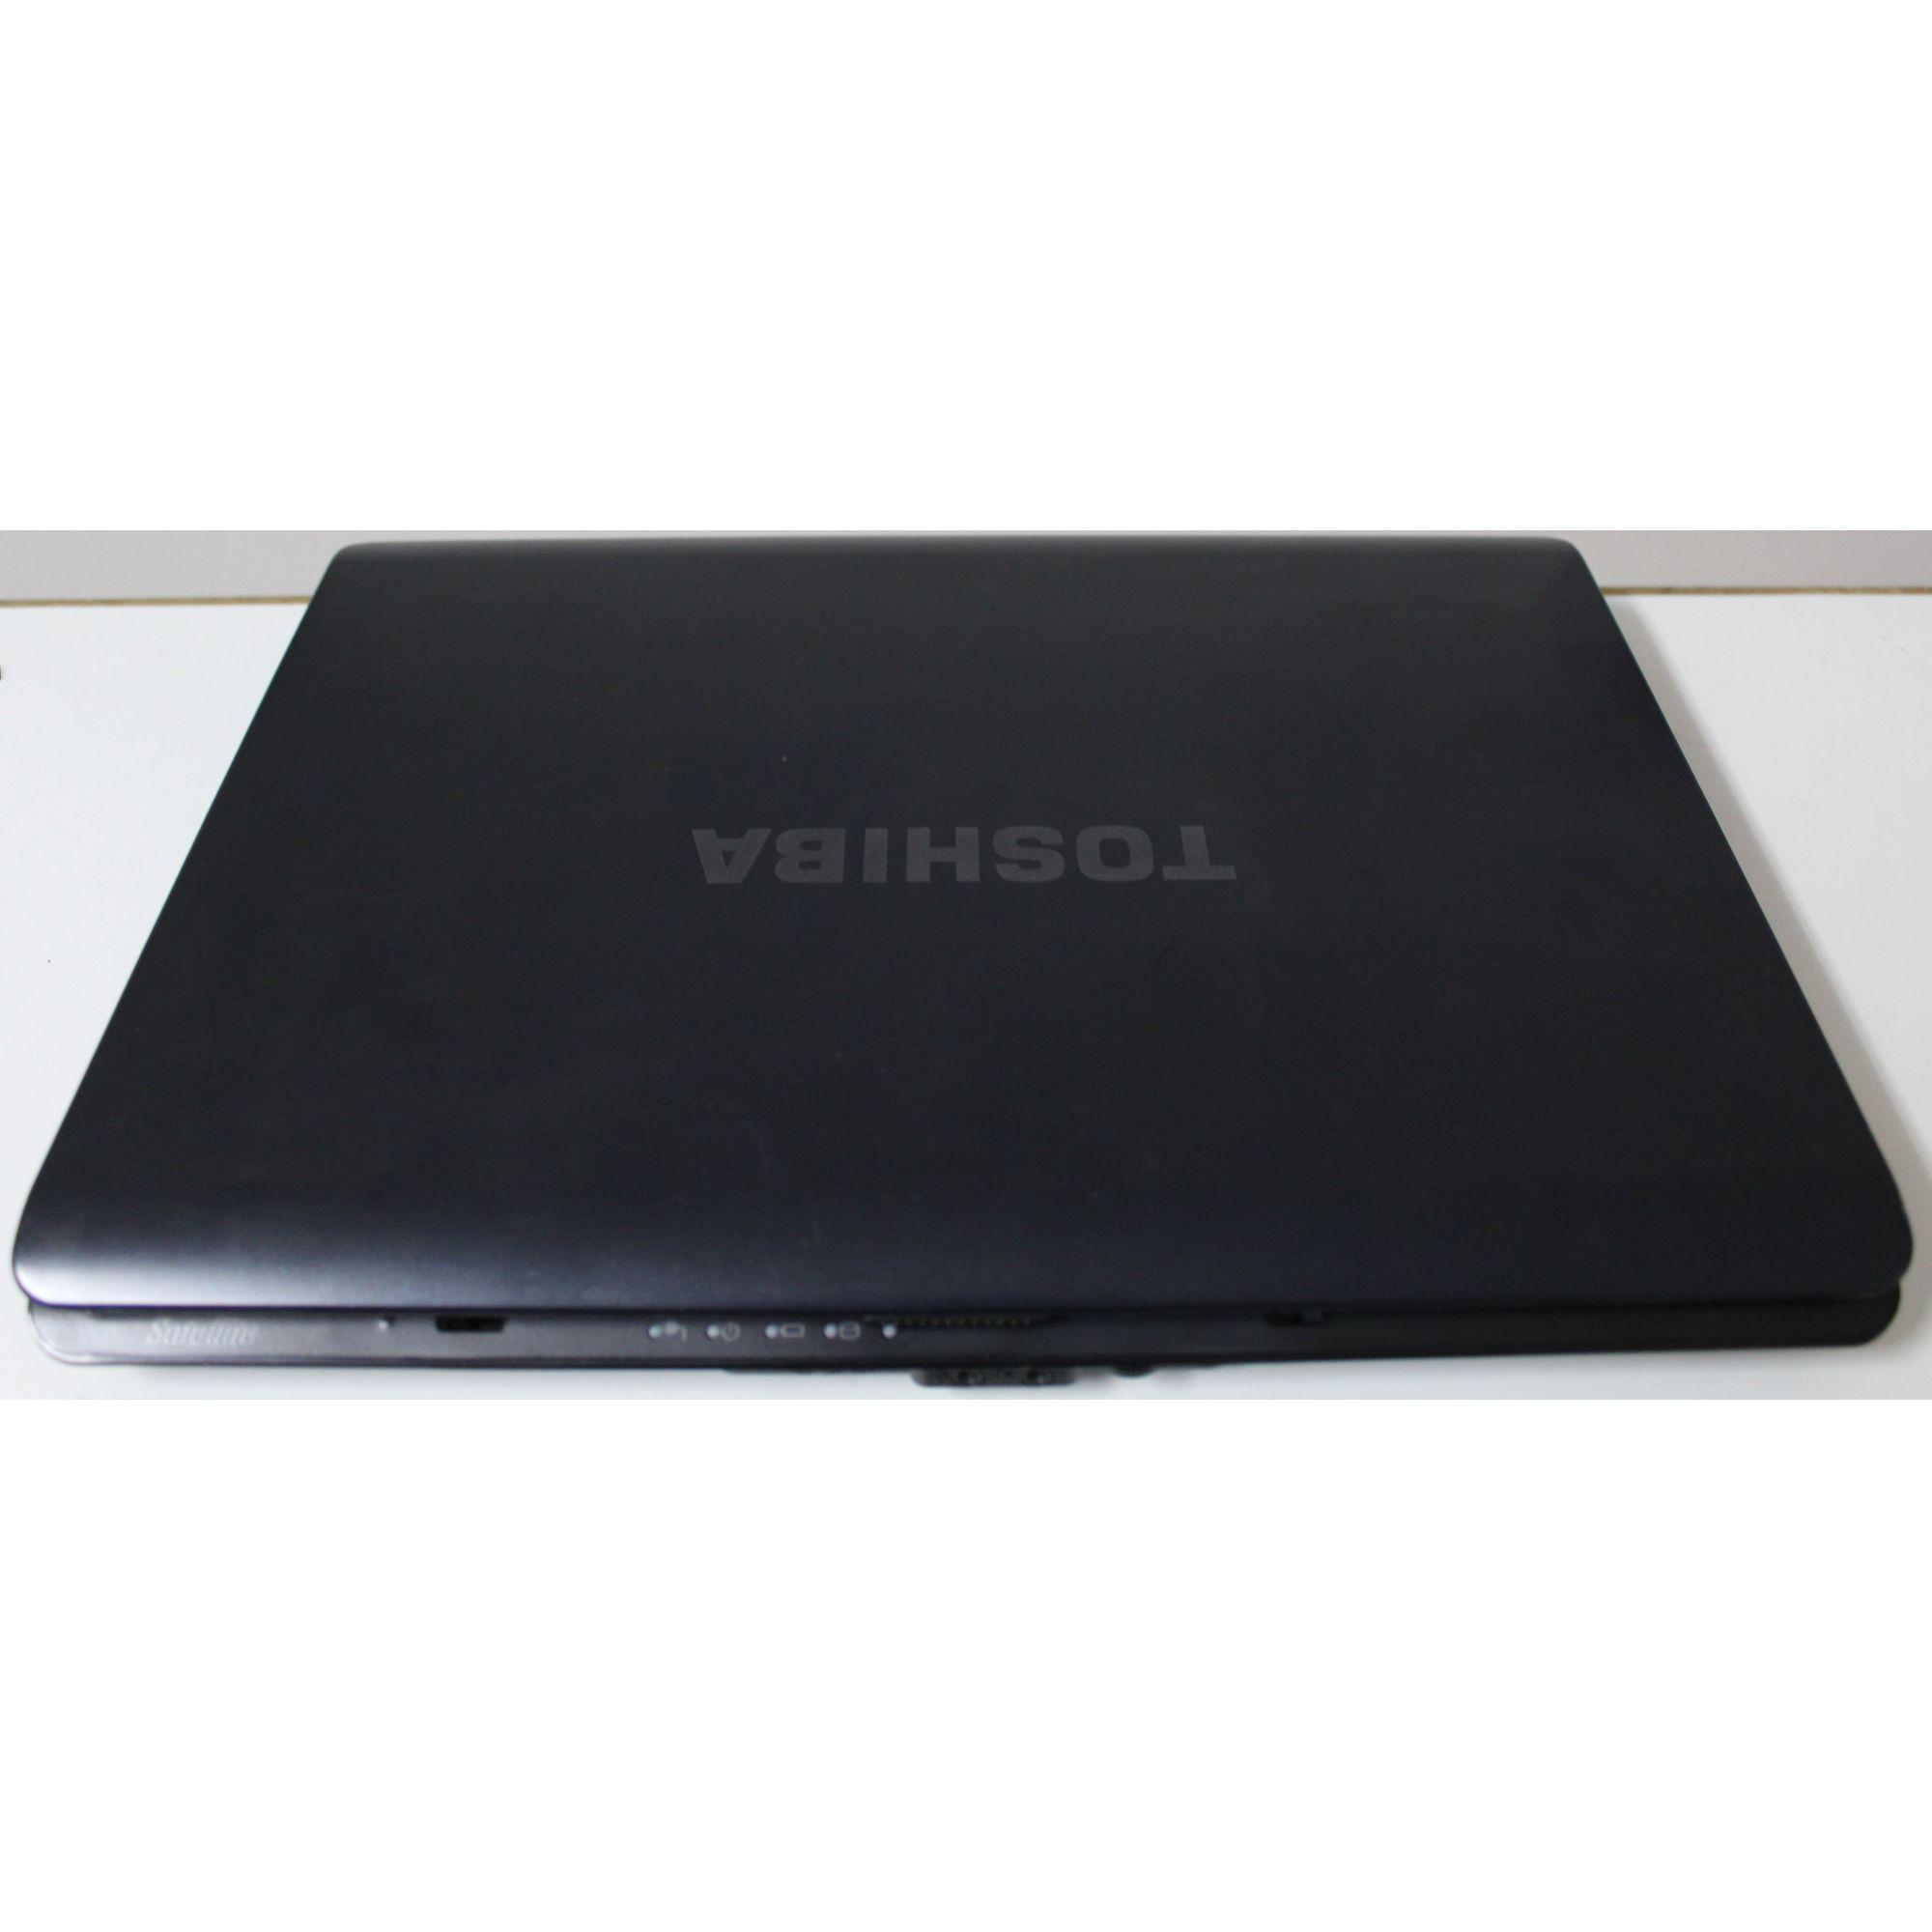 """Notebook Toshiba Satellite A205 15.4"""" Intel Celeron 2.13GHz 2GB HD-120GB (Não enviamos)"""